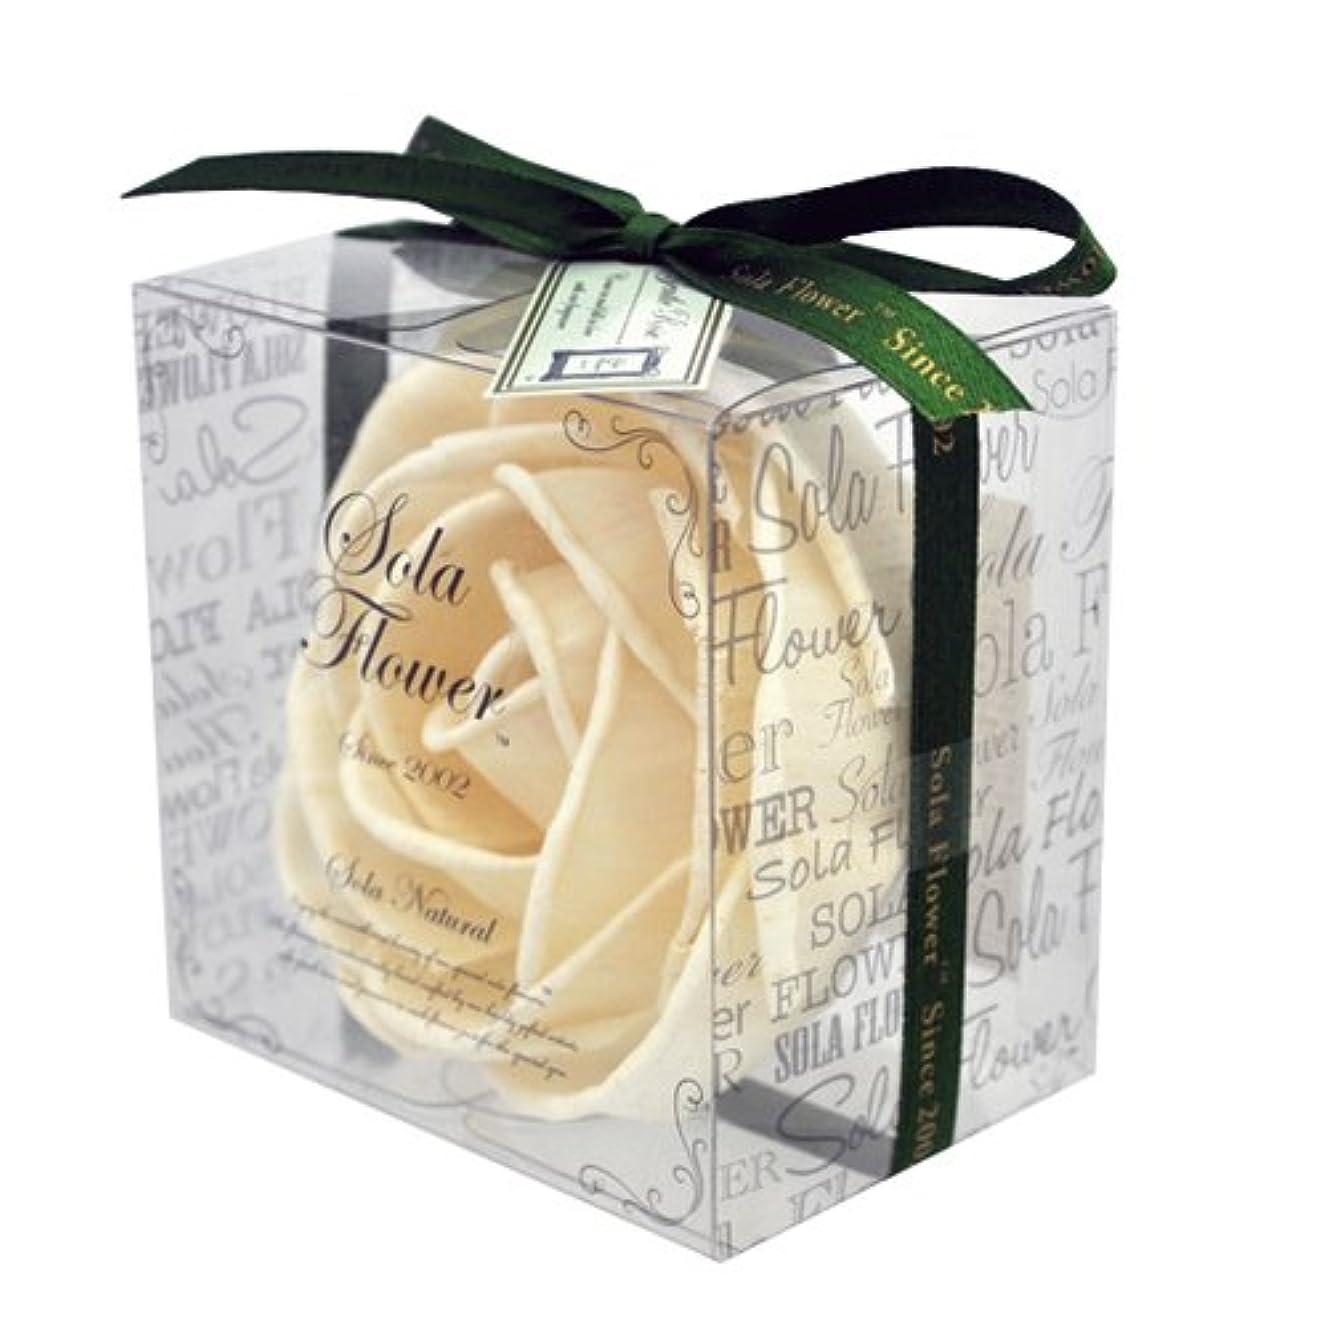 睡眠識字電話に出るnew Sola Flower ソラフラワー ナチュラル Gentle Rose ジェントルローズ Natural